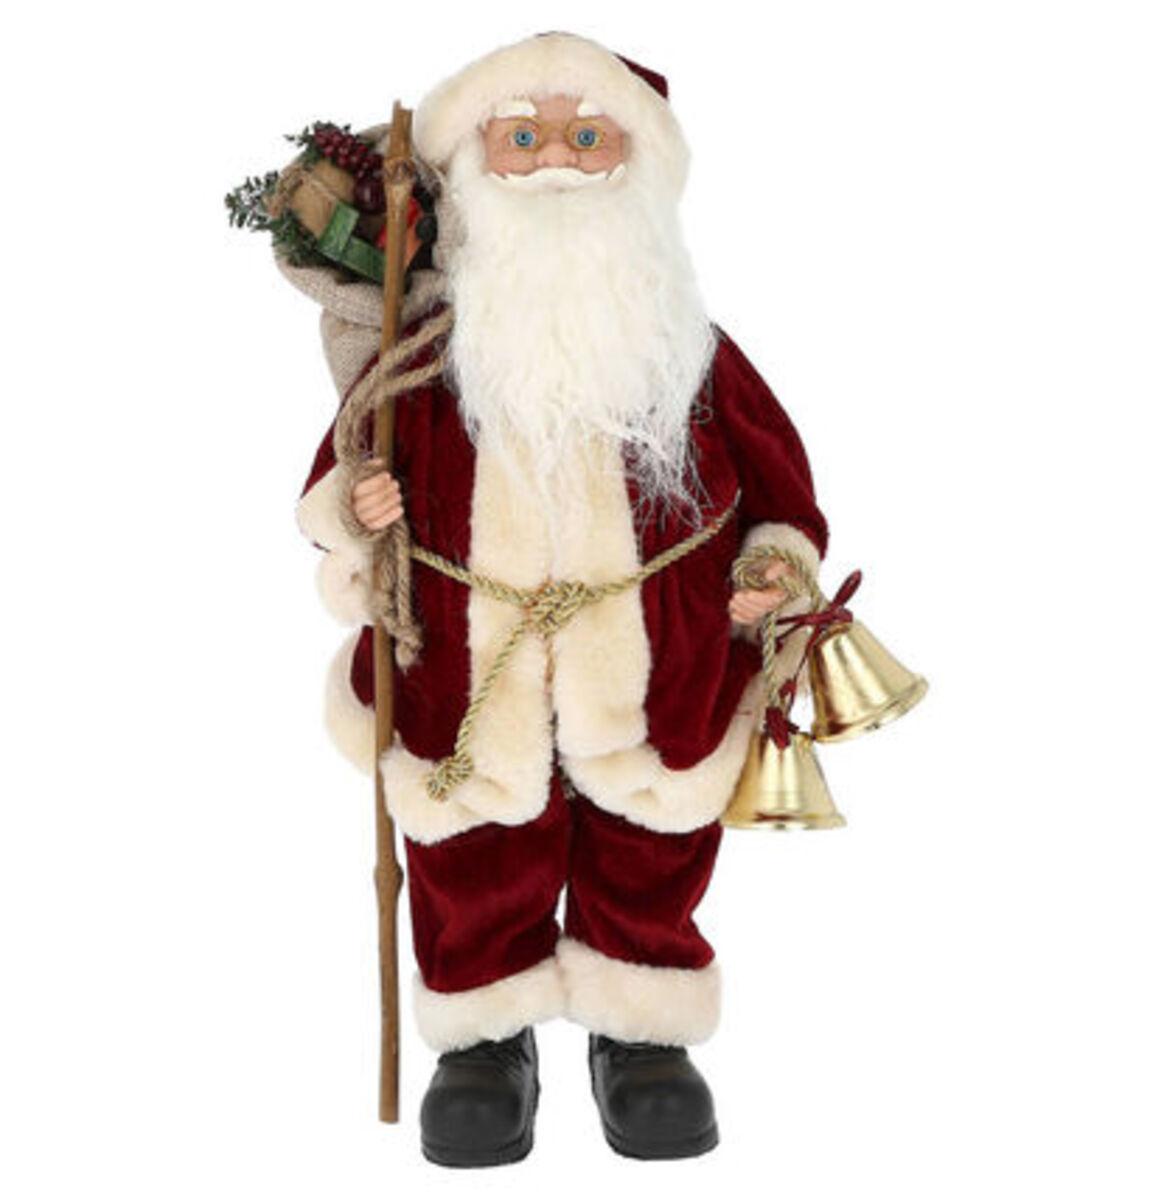 """Bild 1 von Galeria Selection Weihnachtsfigur """"Weihnachtsmann"""", 38 cm, bordeaux"""